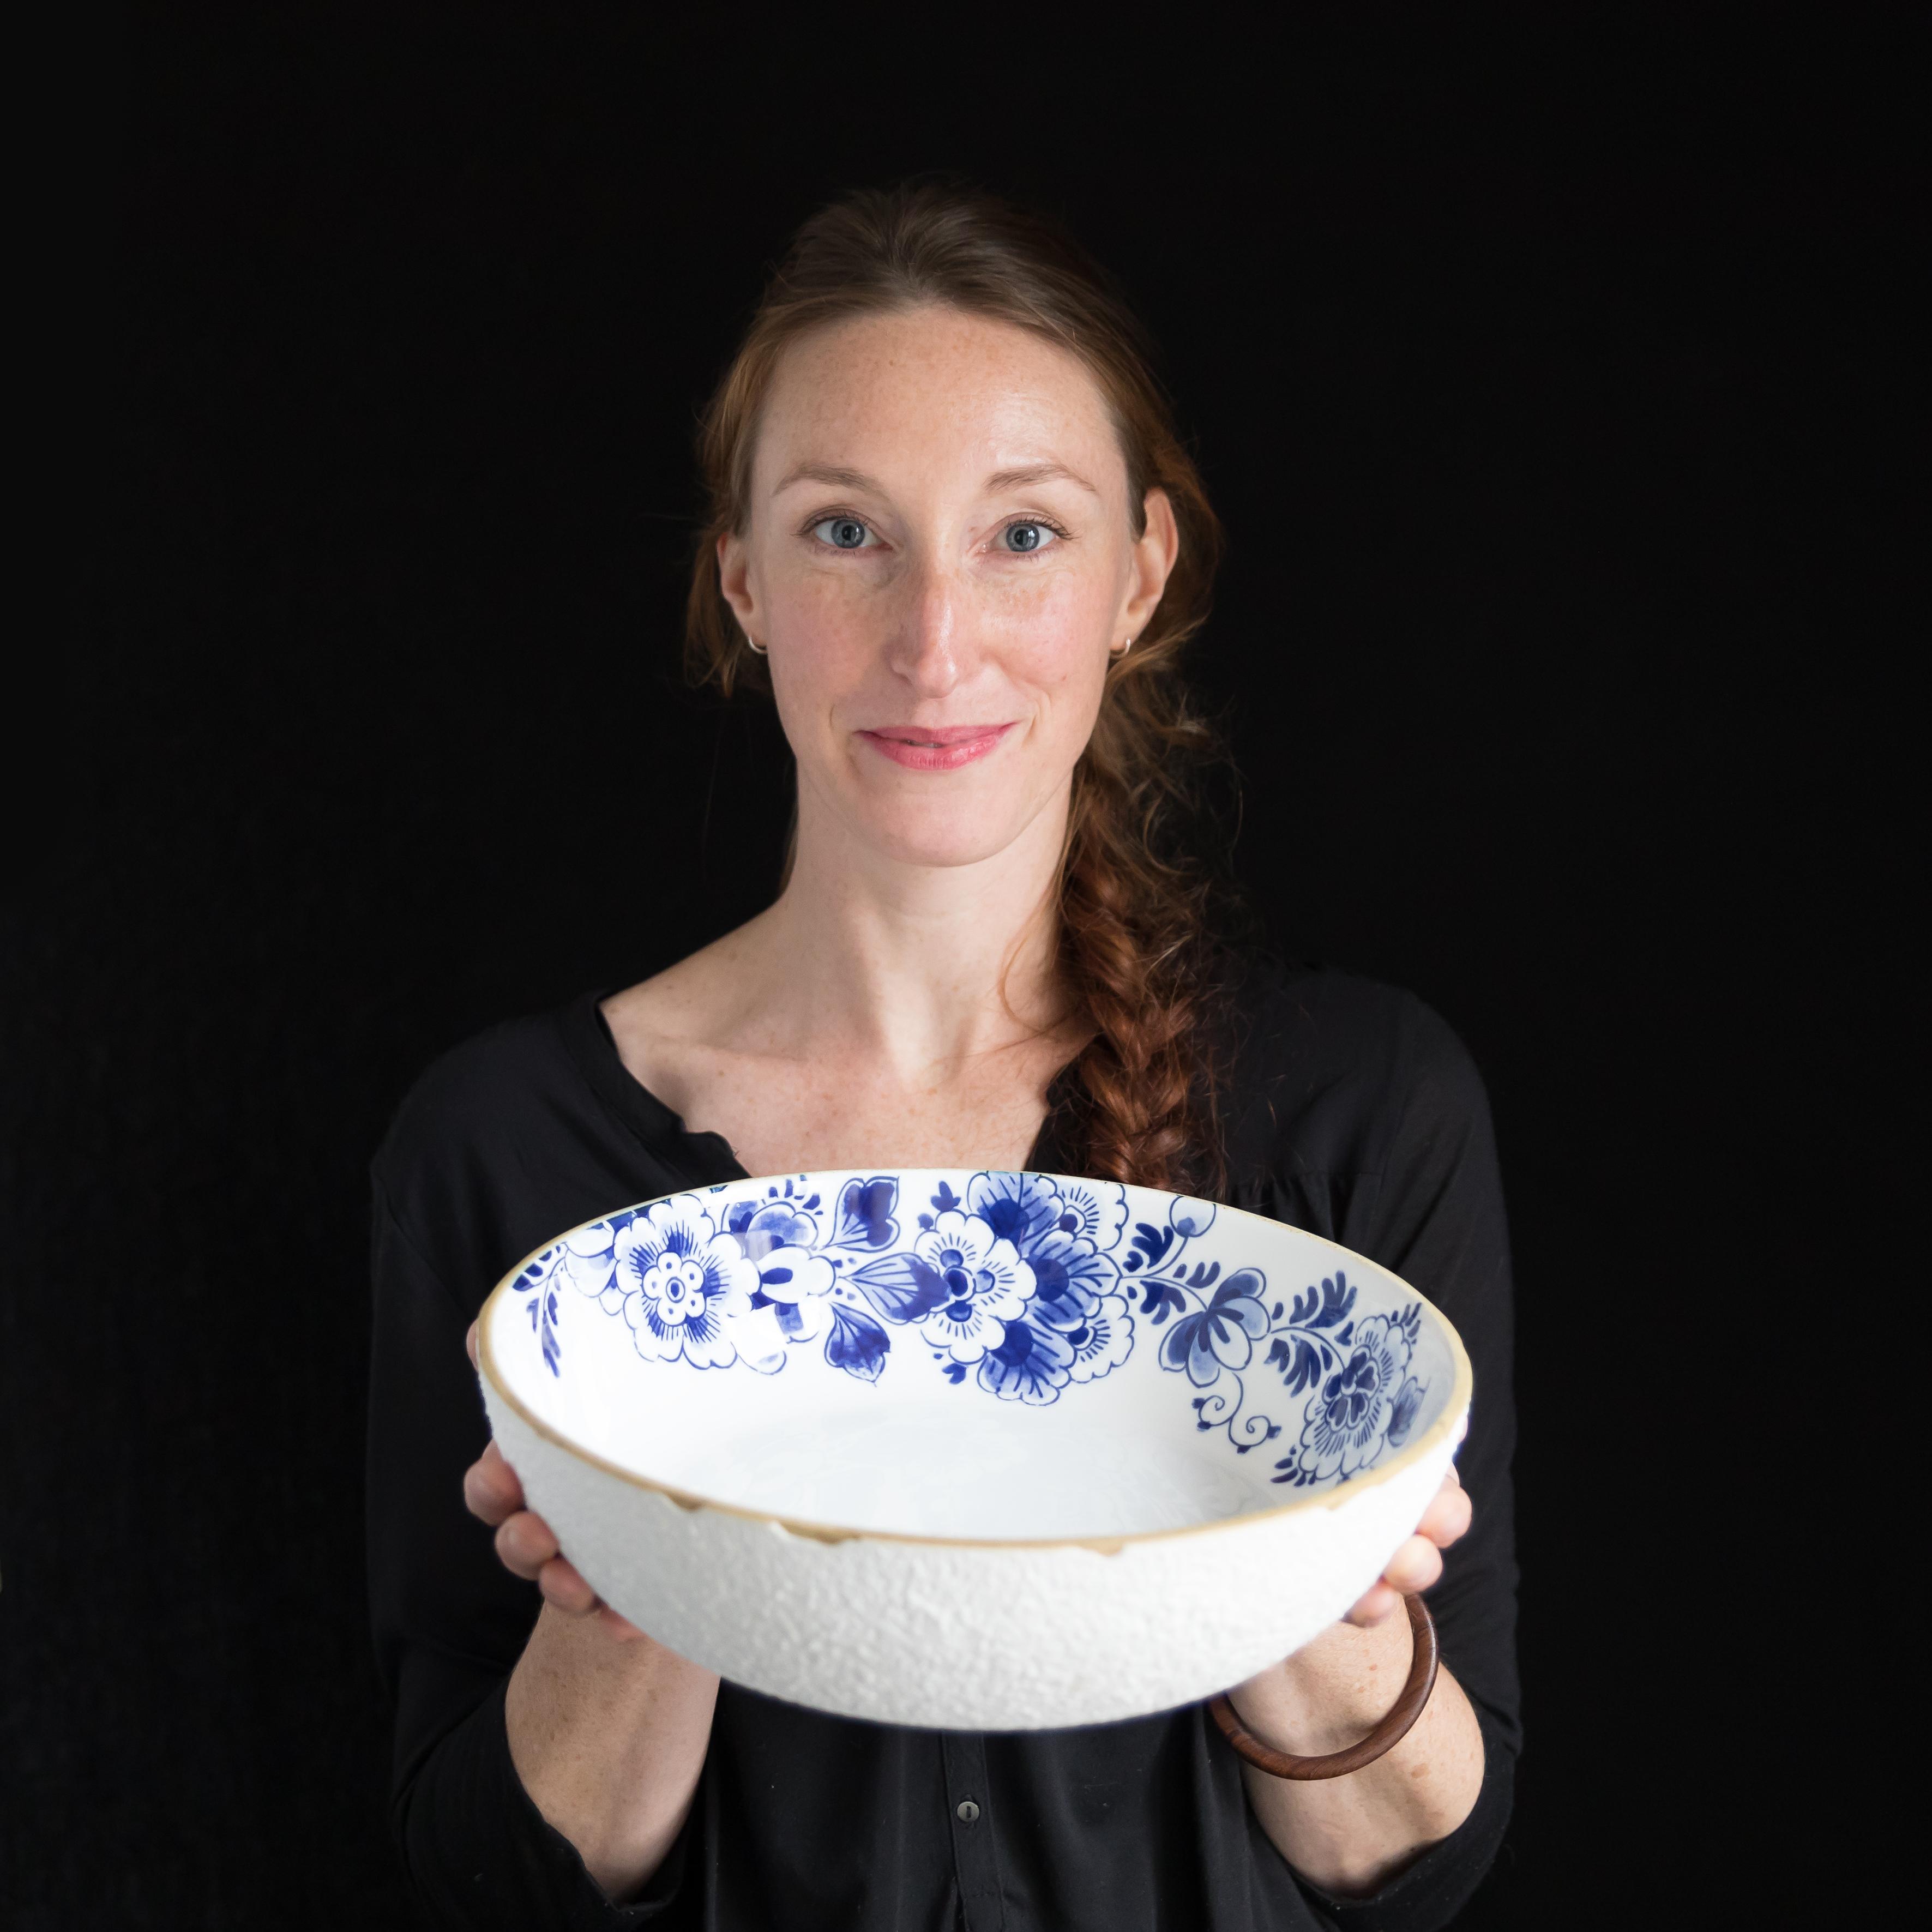 blauw_bloesem-delftblue_tableware_debbie_wijskamp_heinen_delfts_blauw02